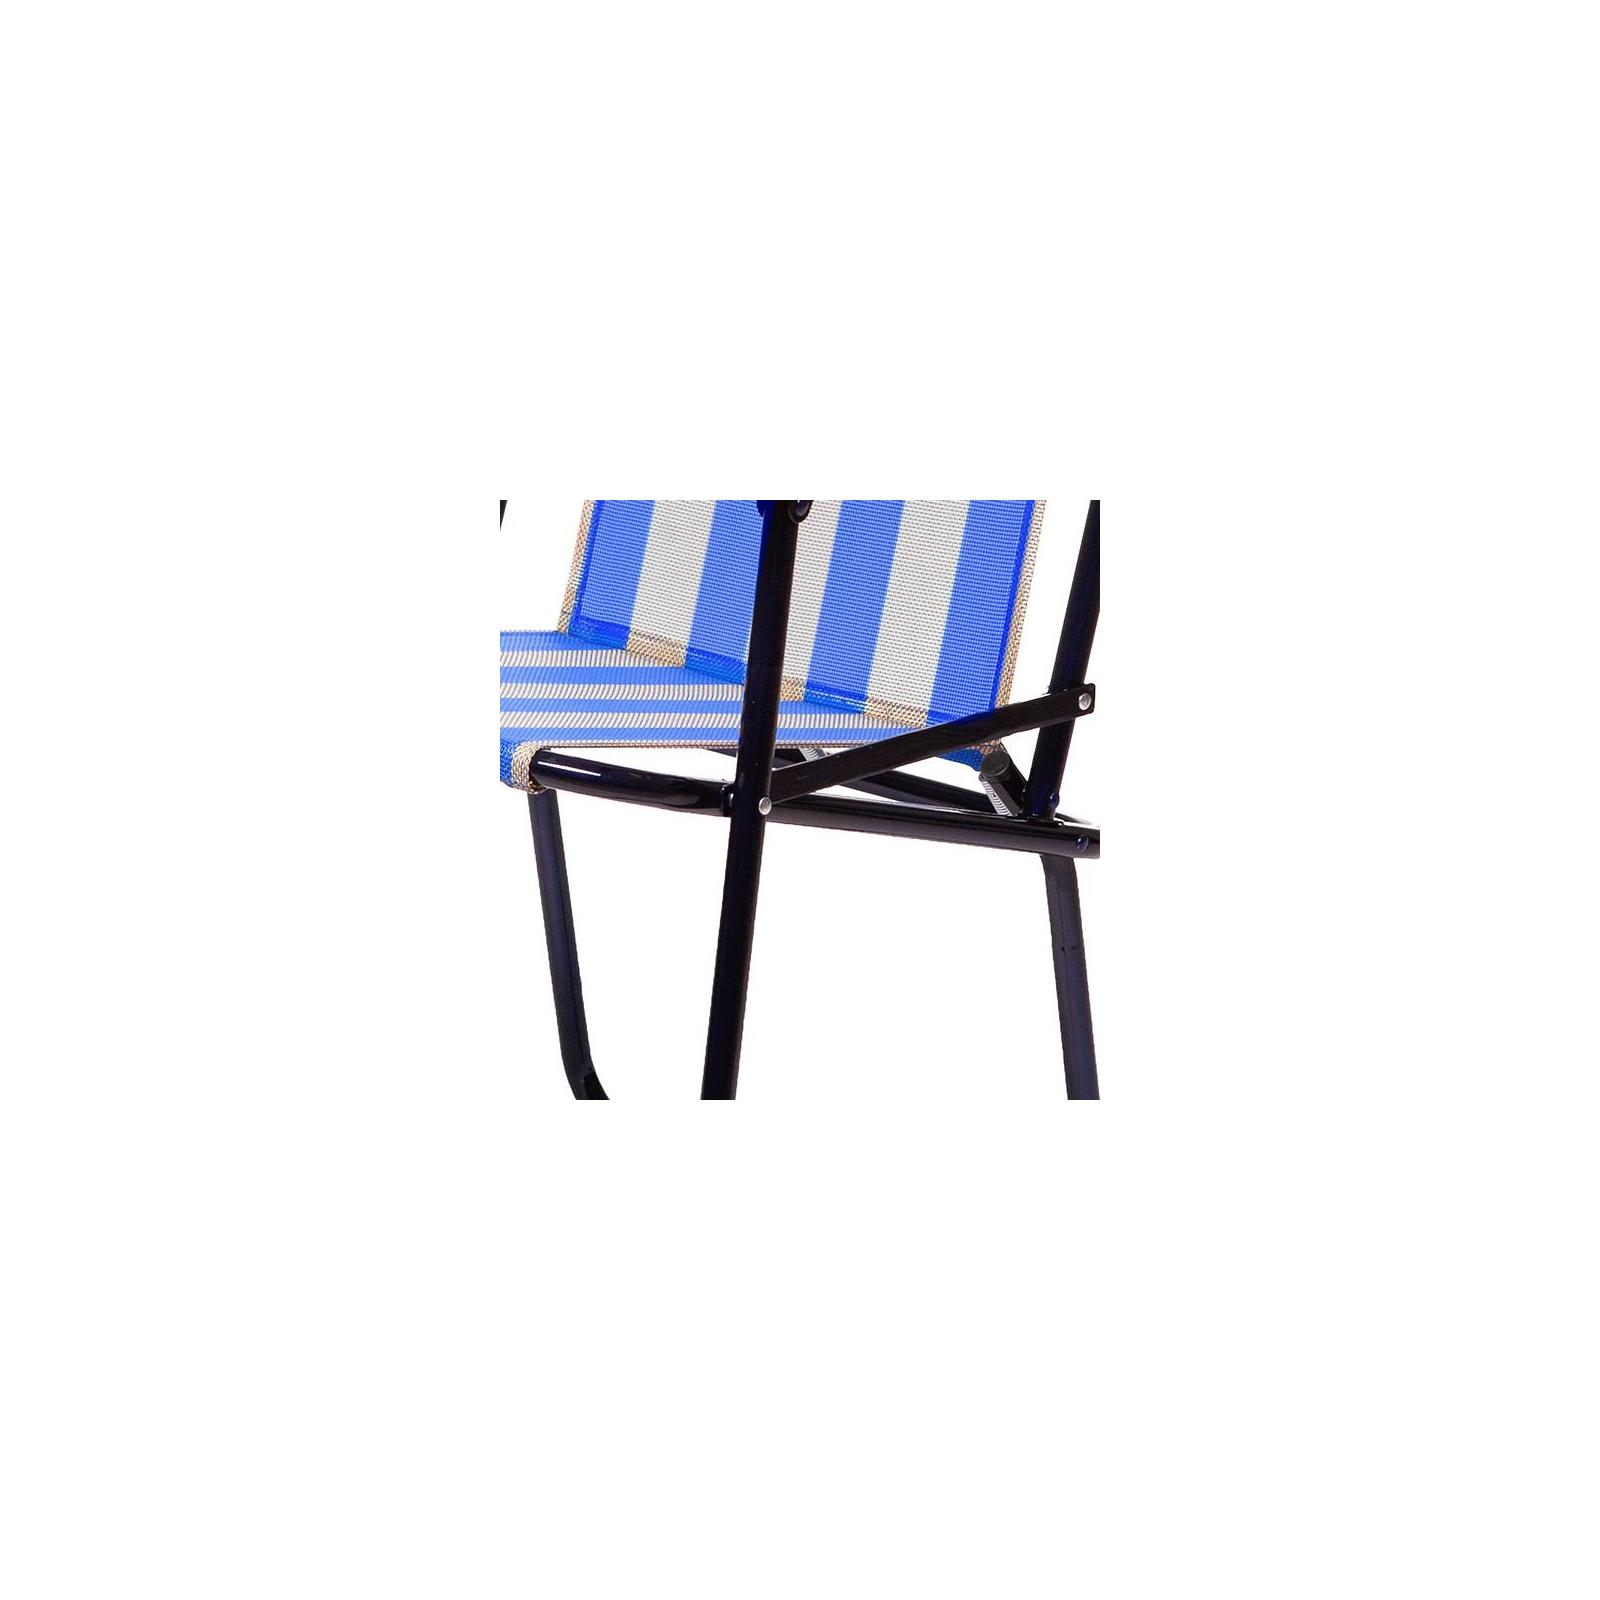 Кресло складное Time Eco Дачный (4820183480088BLUE) изображение 2